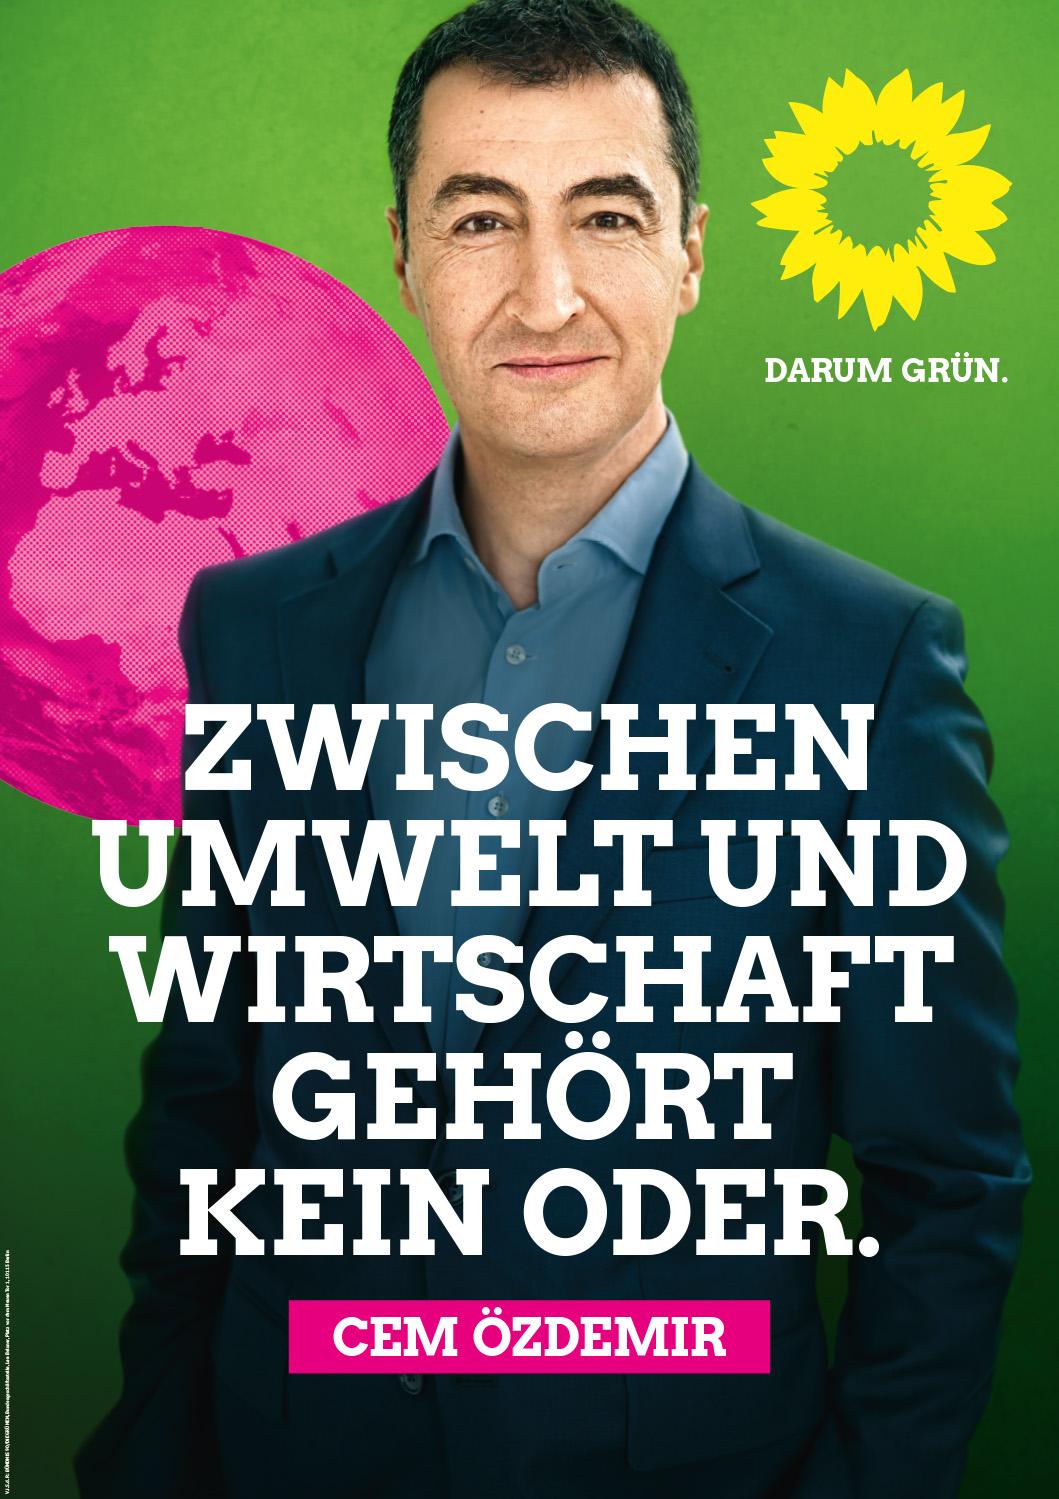 Klickt auf das Bild für Infos zur grünen Wirtschaftspolitik.